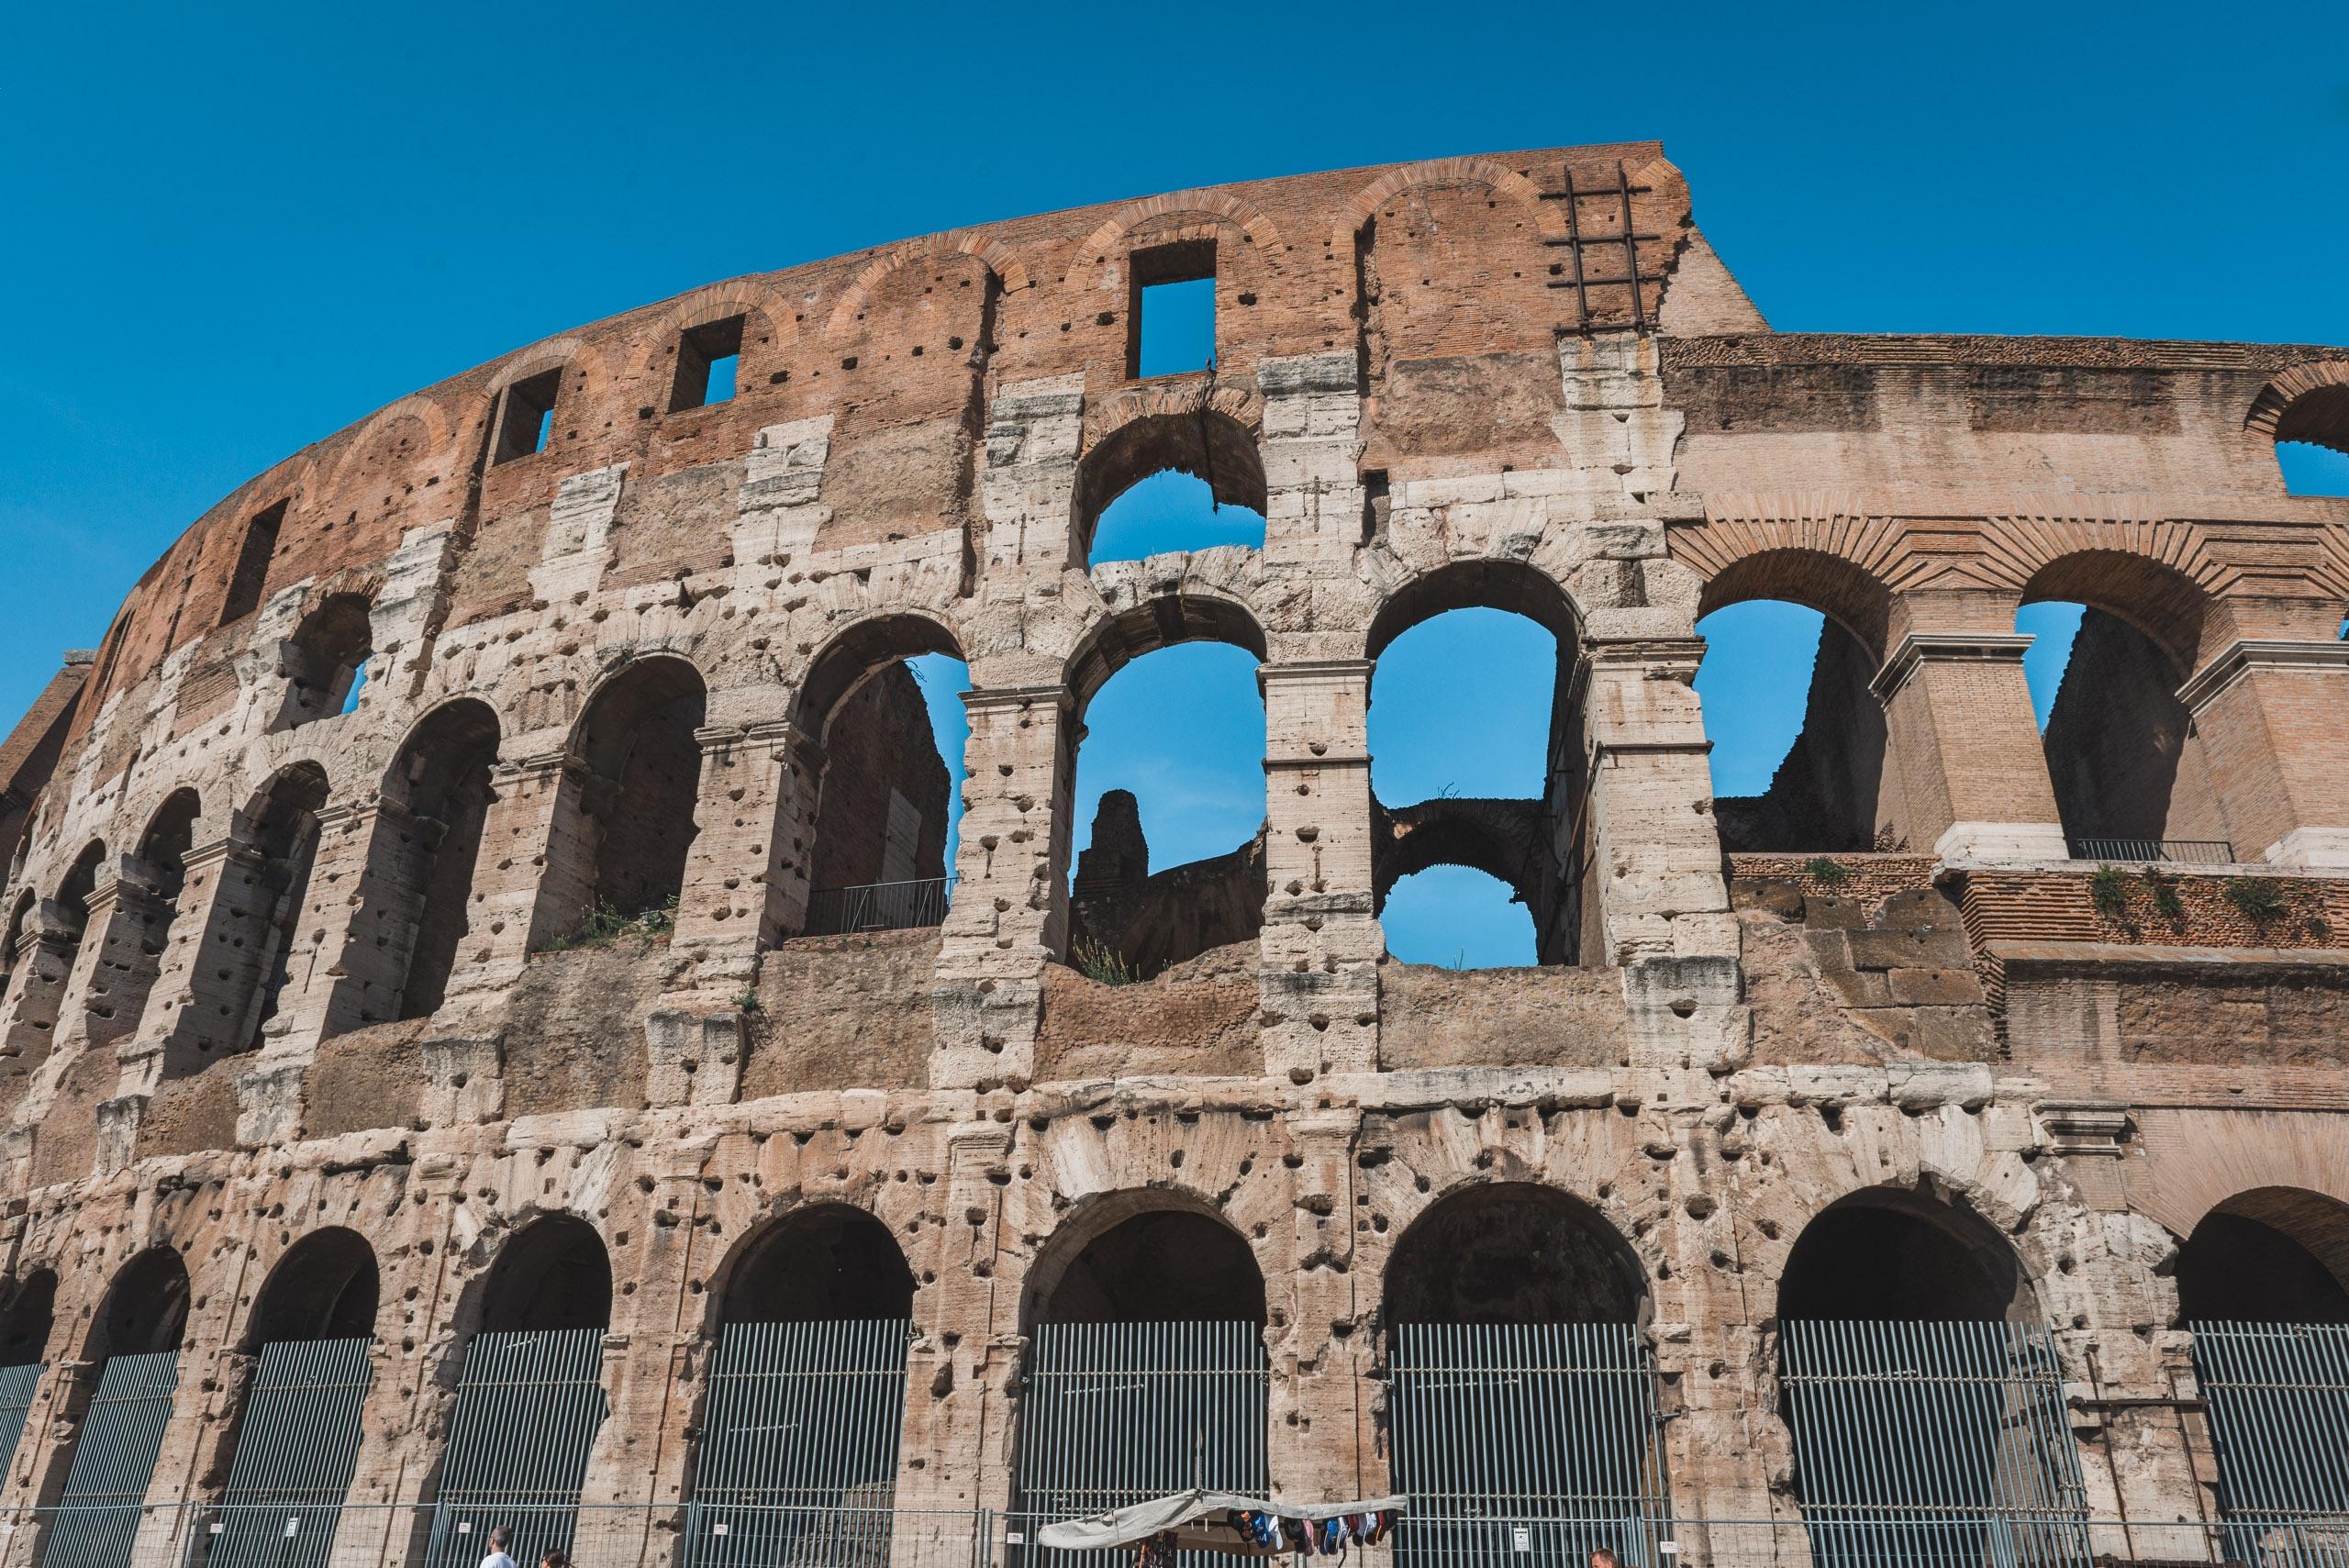 Outside the Colosseum 2